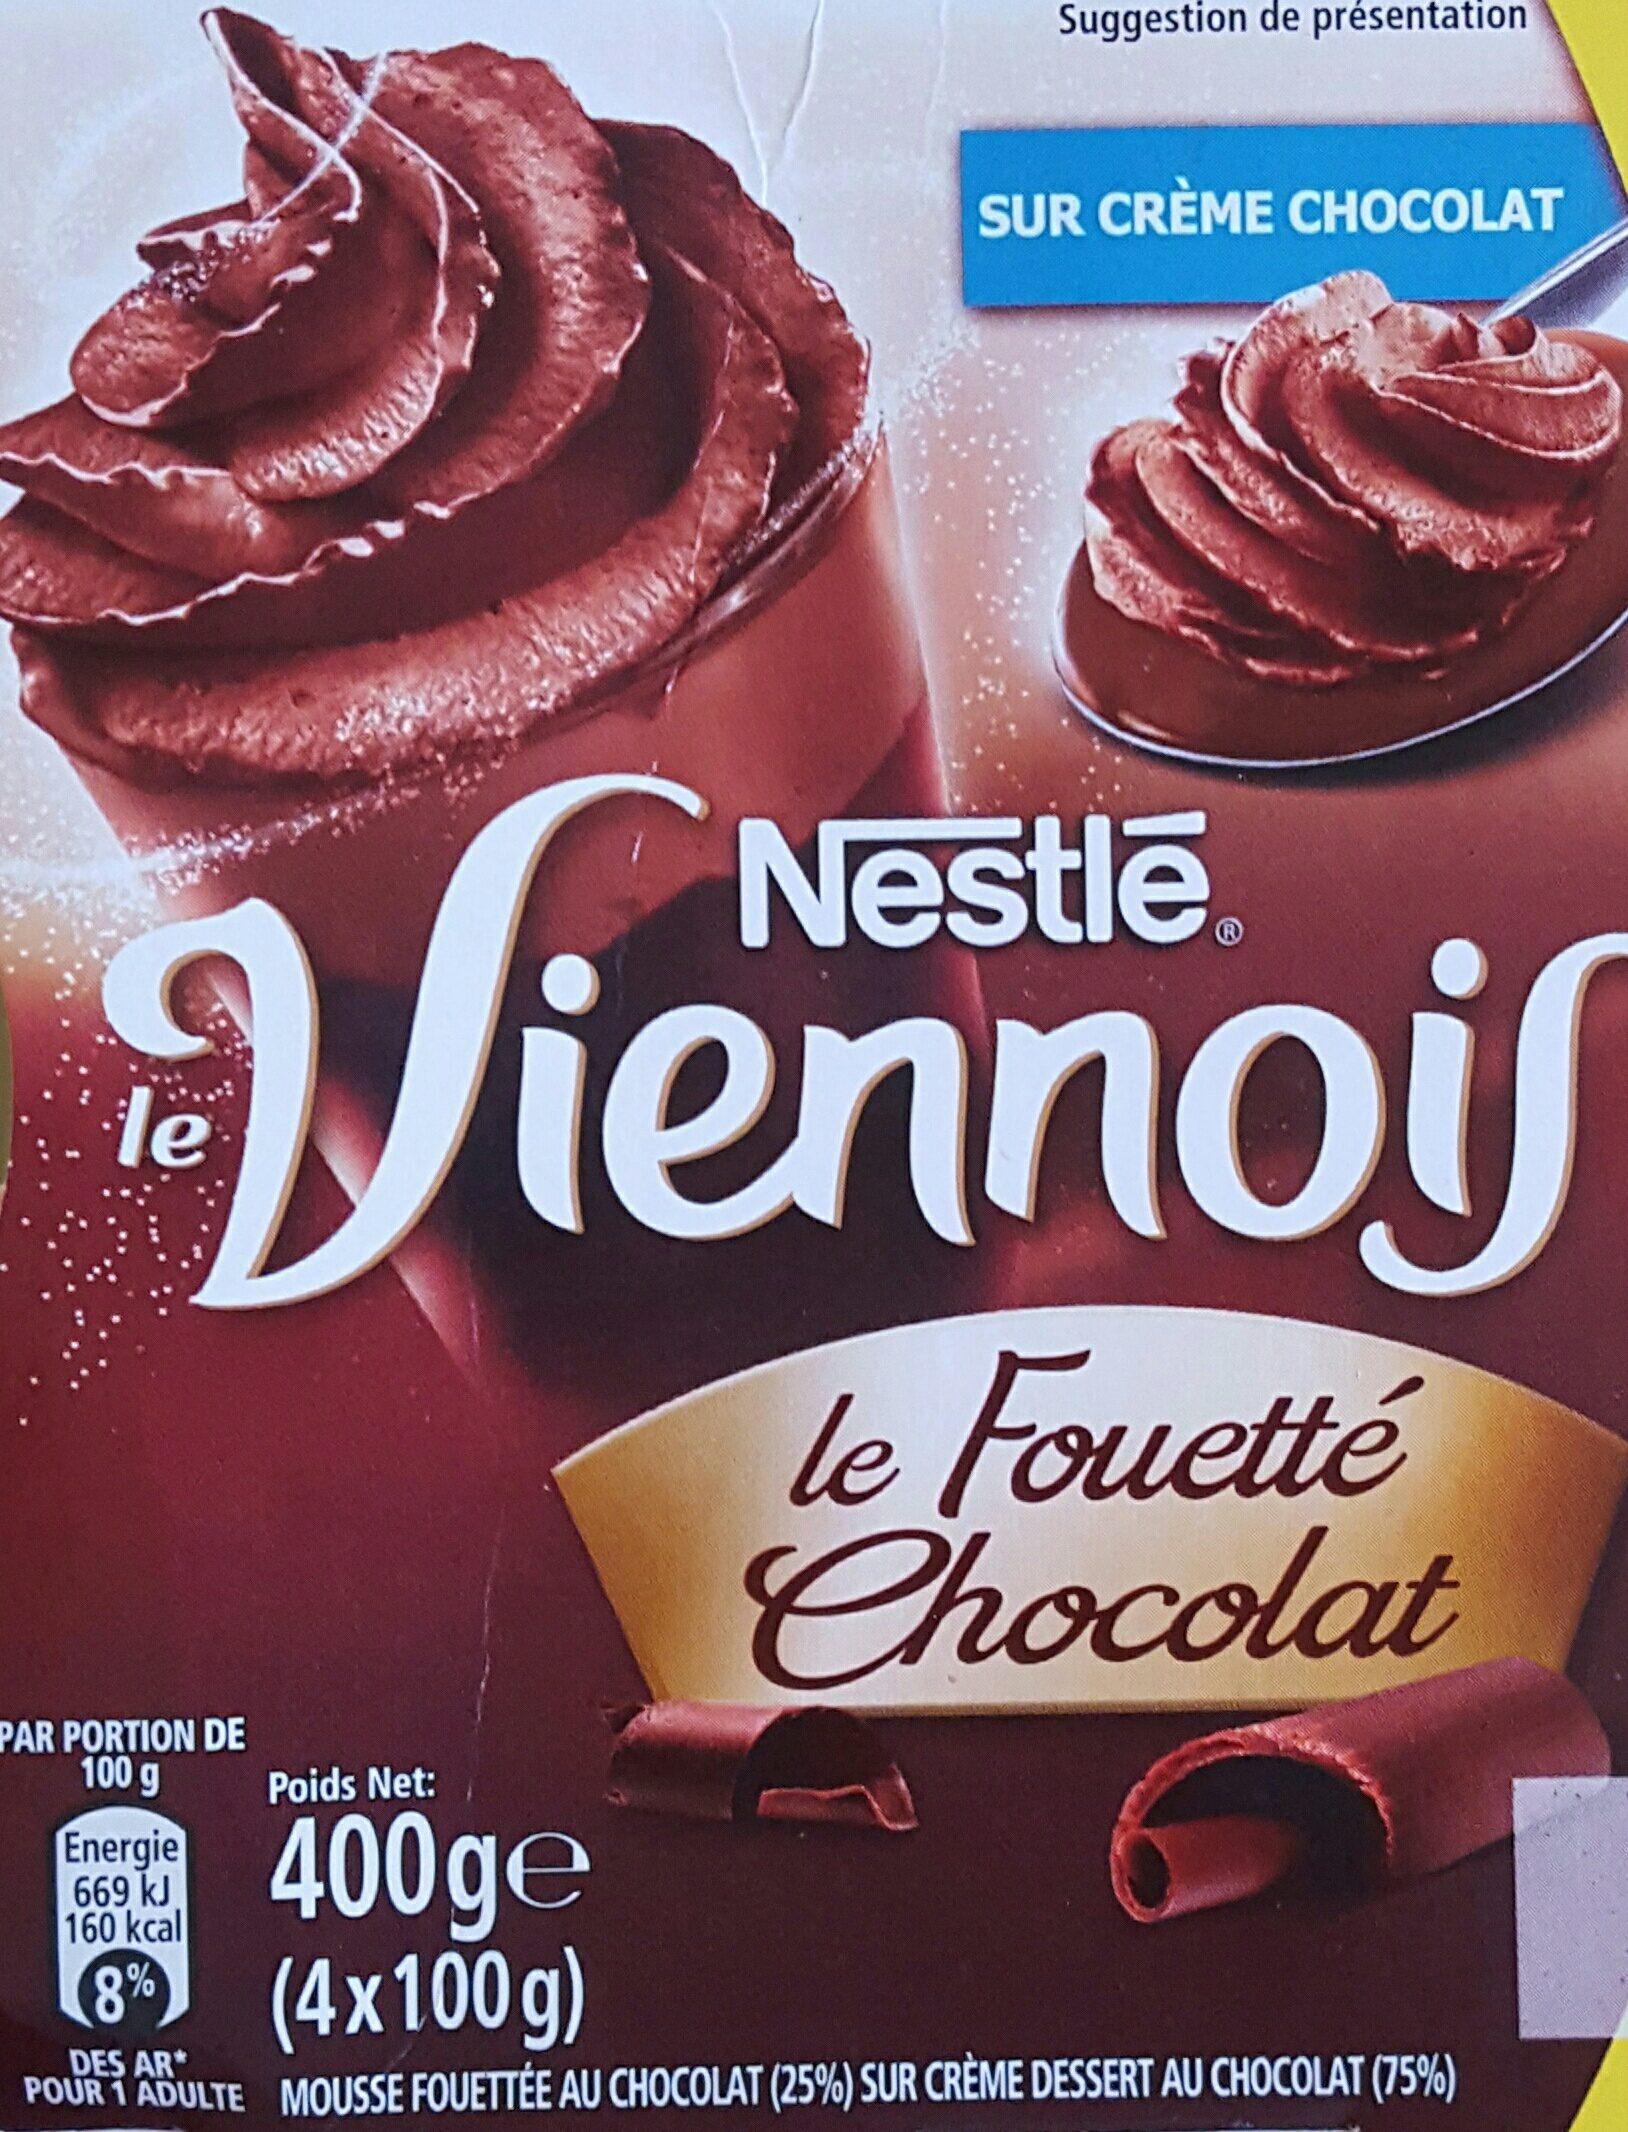 Le viennois Le fouetté Chocolat - Product - fr